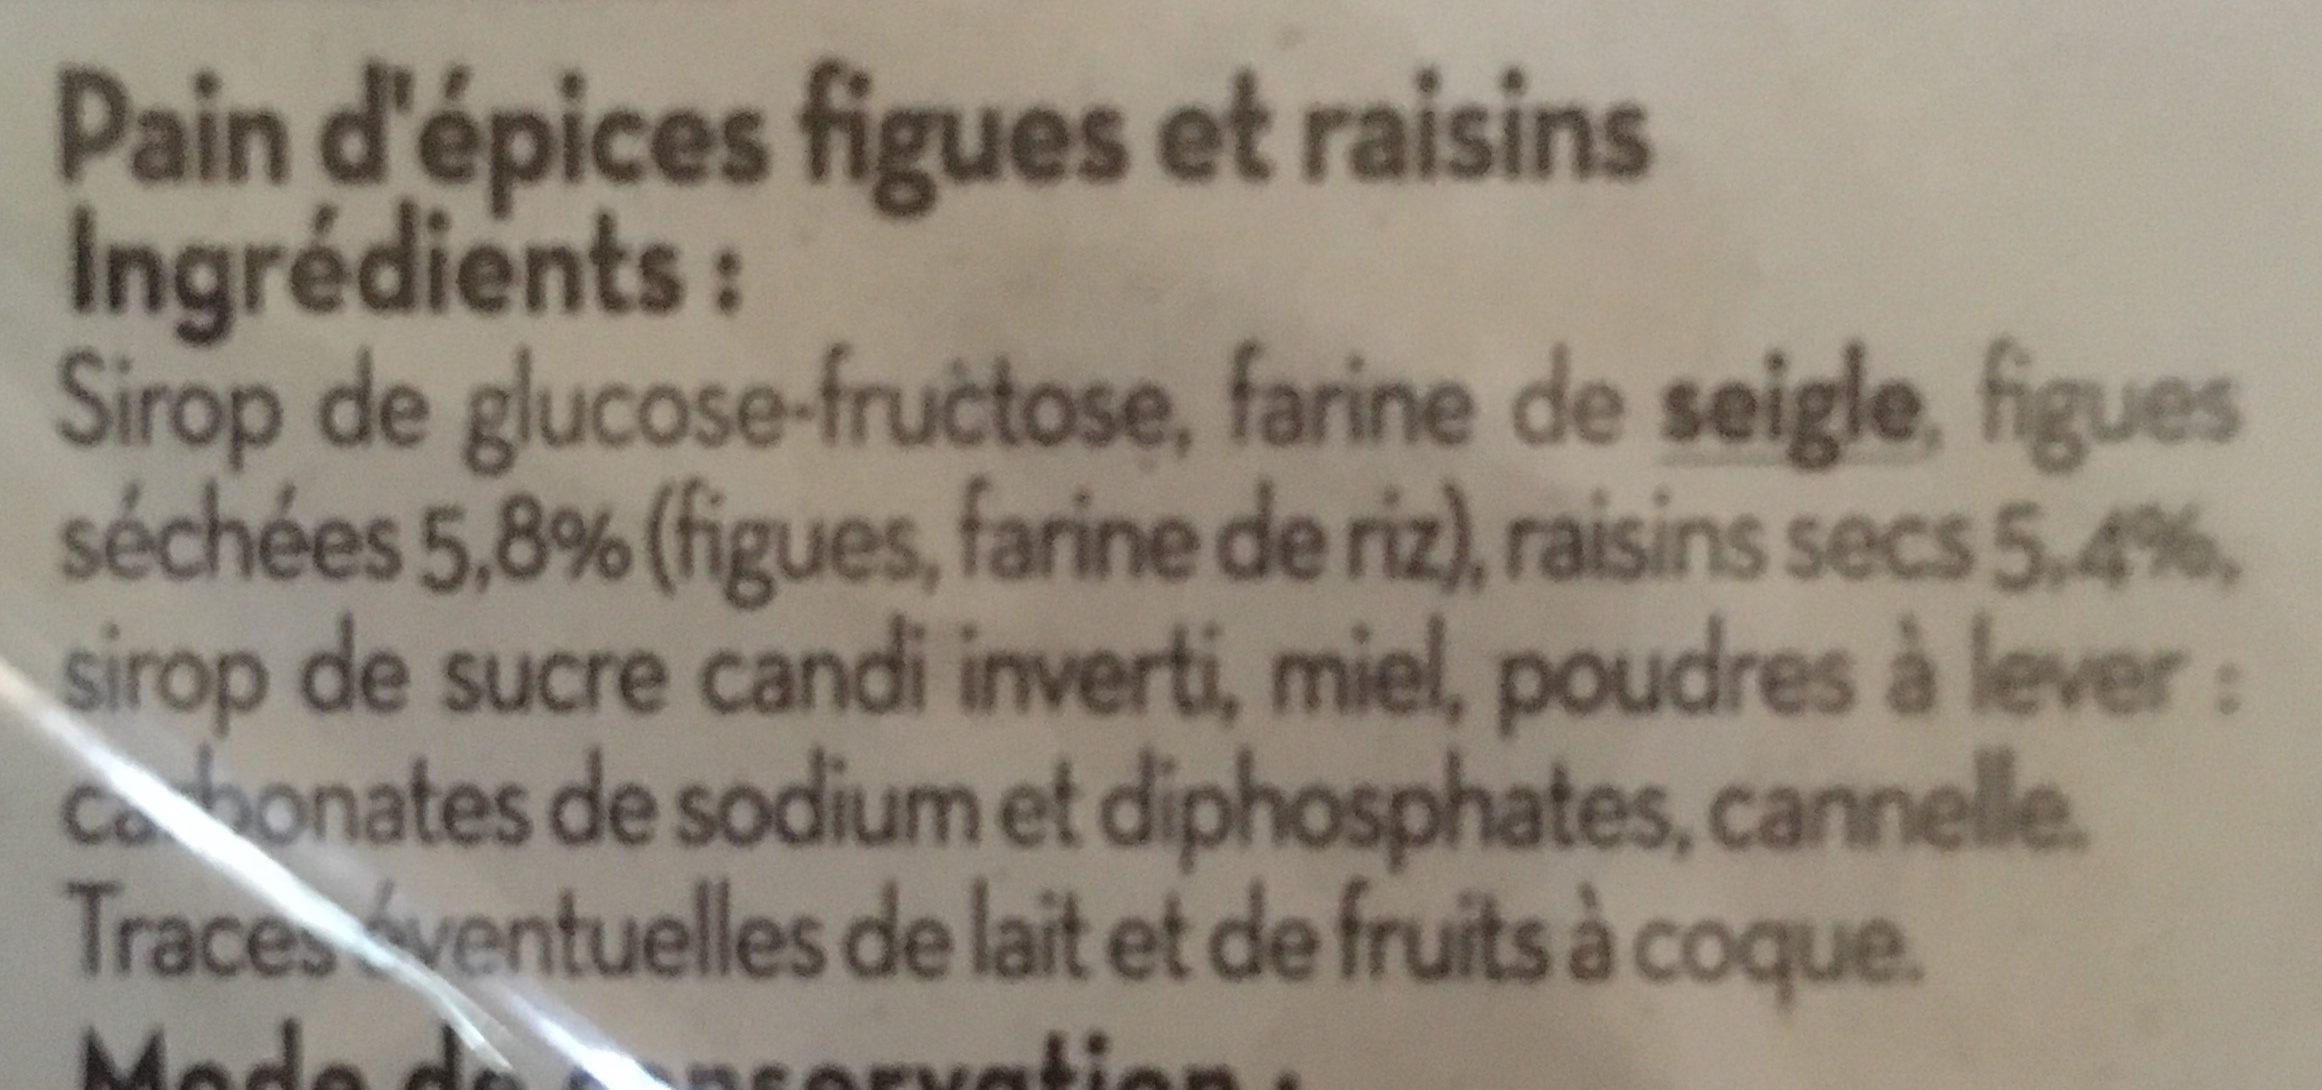 Pain d'épices tranché figues et raisins - Ingredients